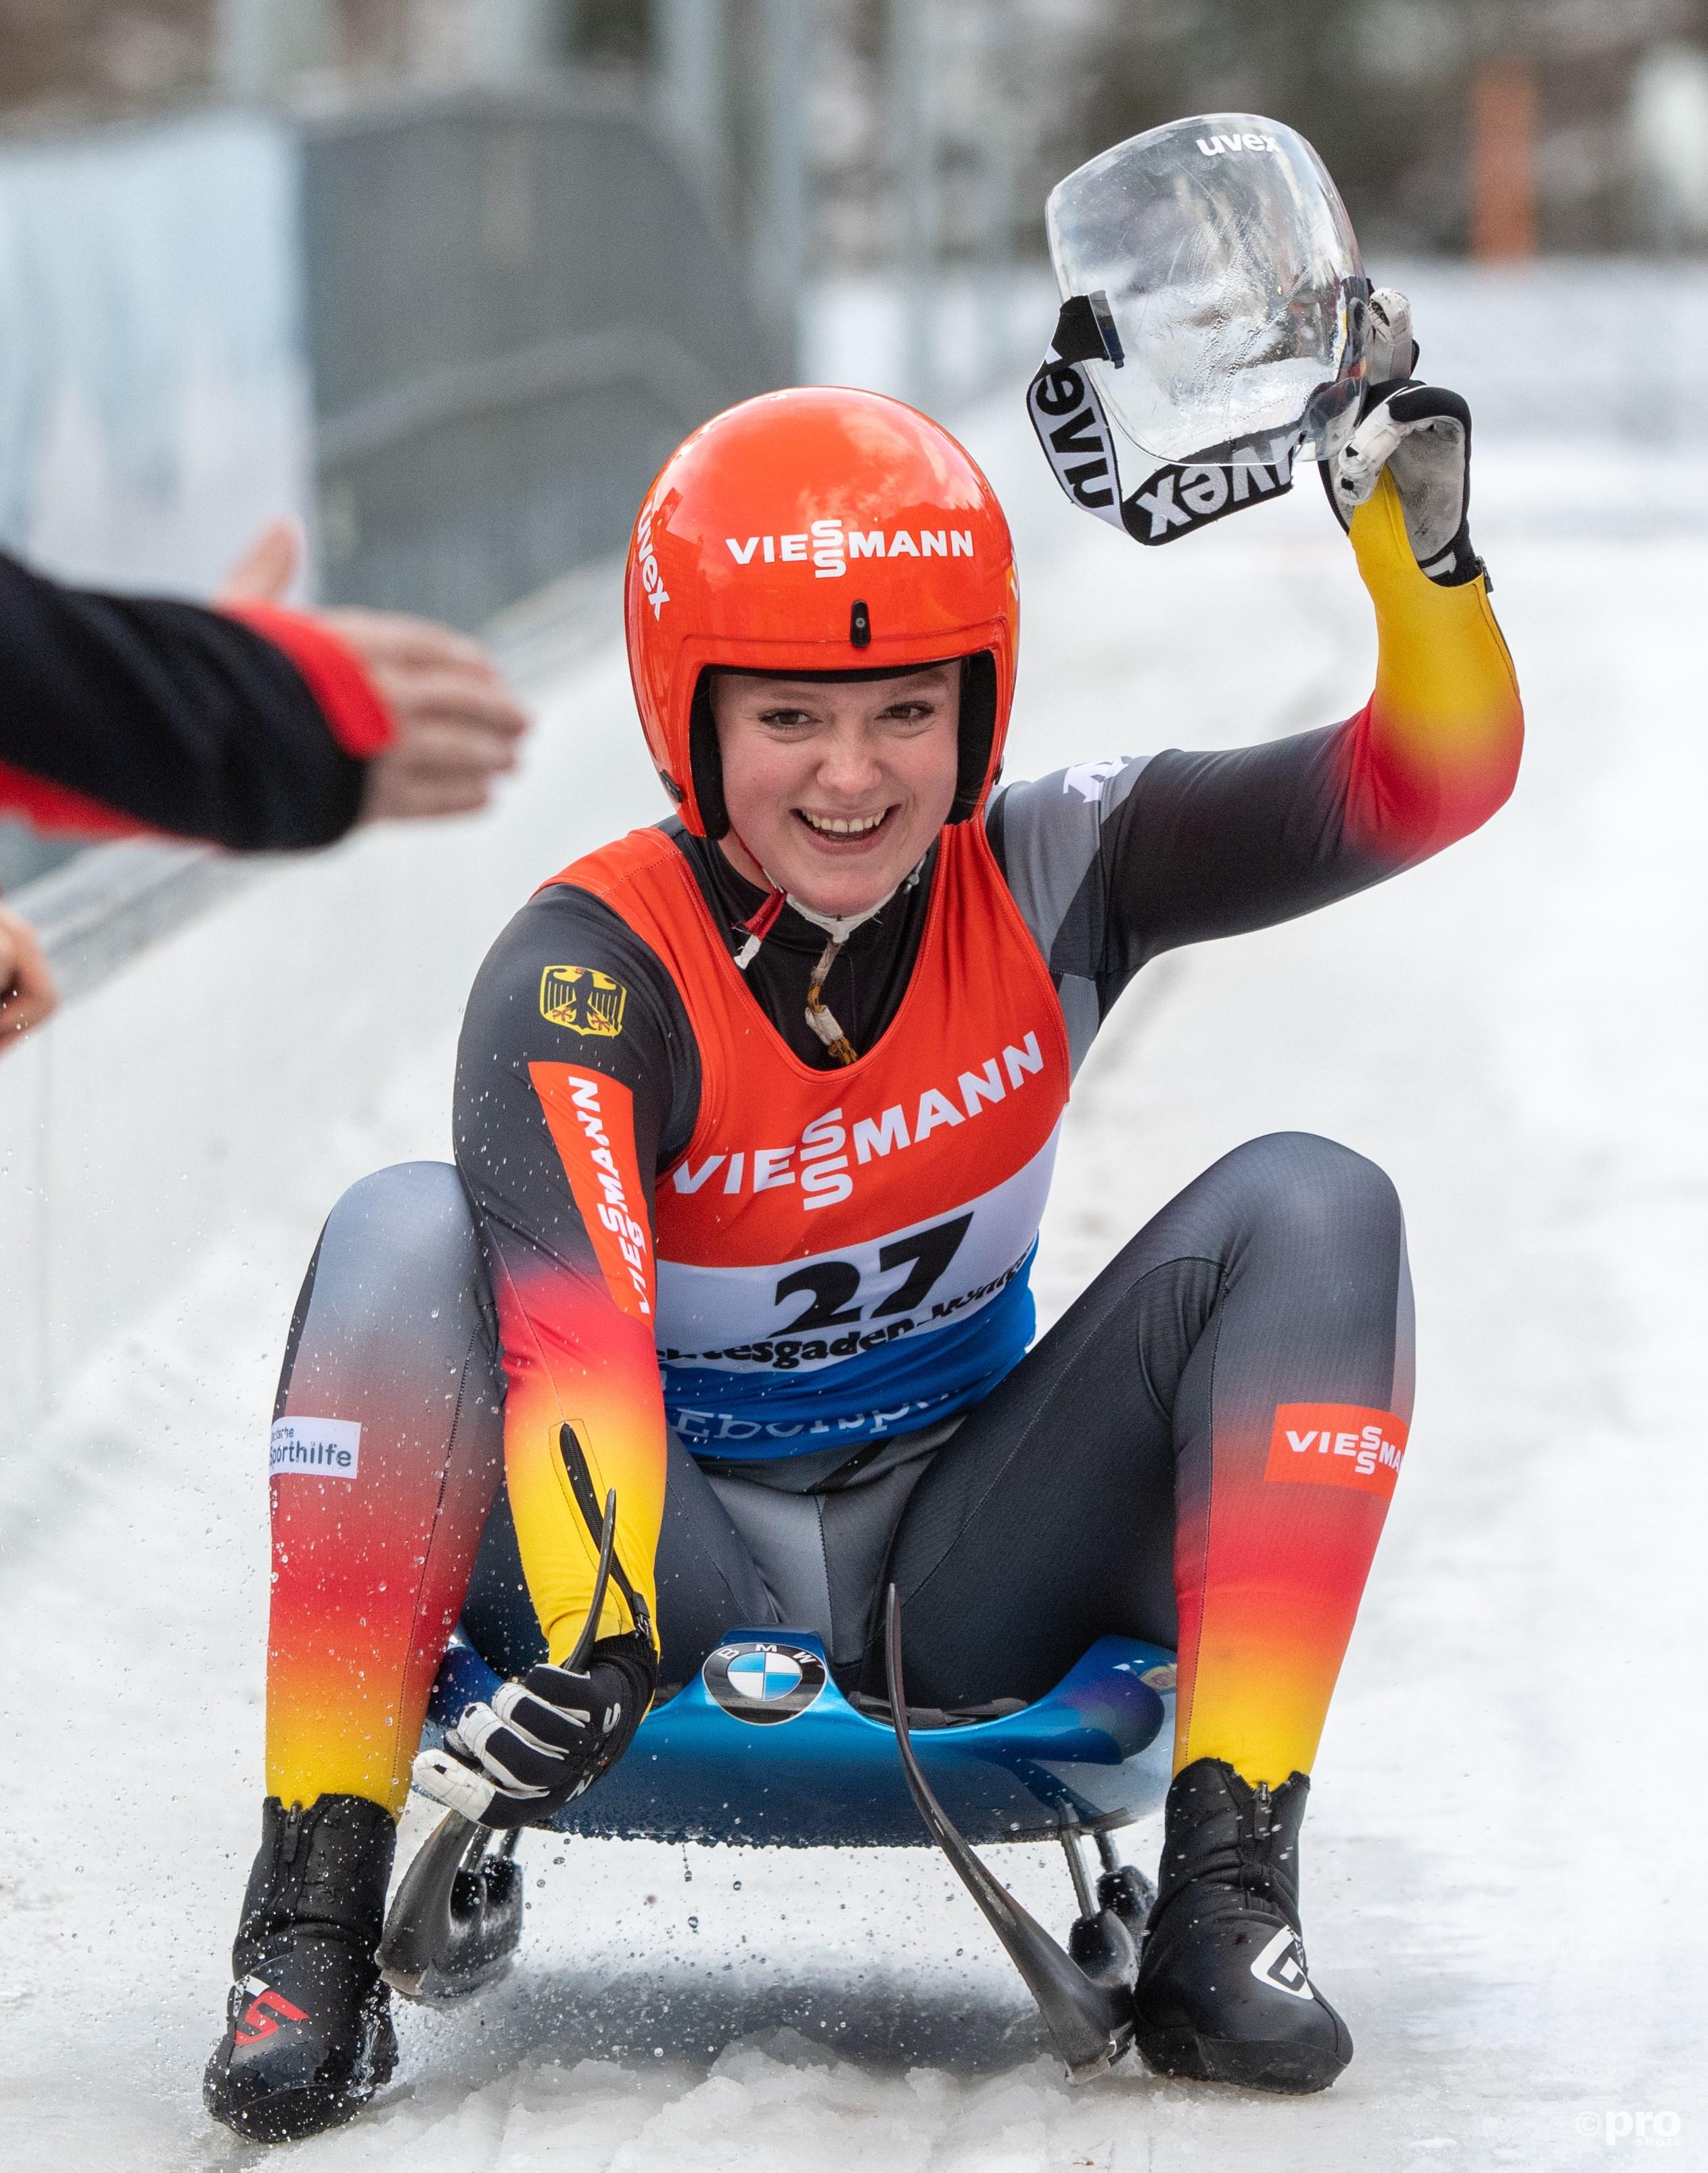 Anna Berreiter wint ook in Königssee (Pro Shots/Zuma Press)